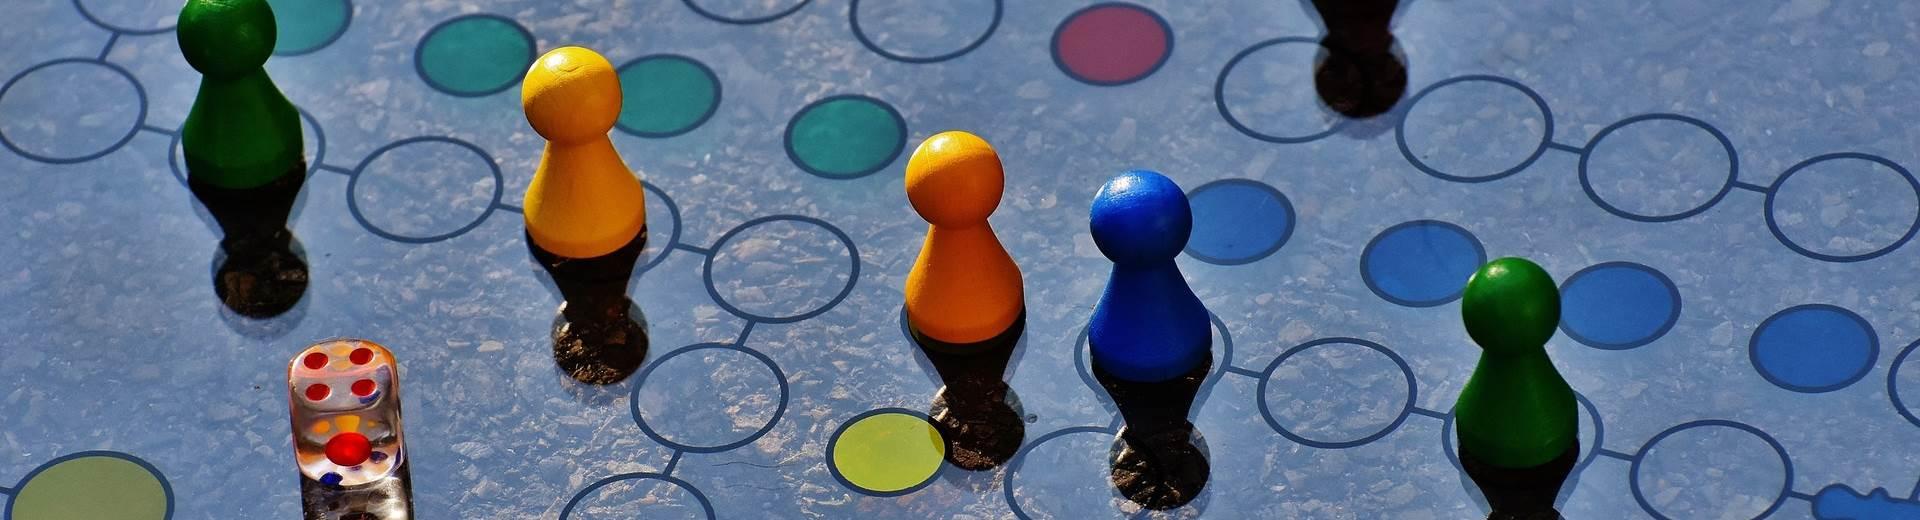 Adatbővítés és adatintegrálás vállalati rendszereire szabva